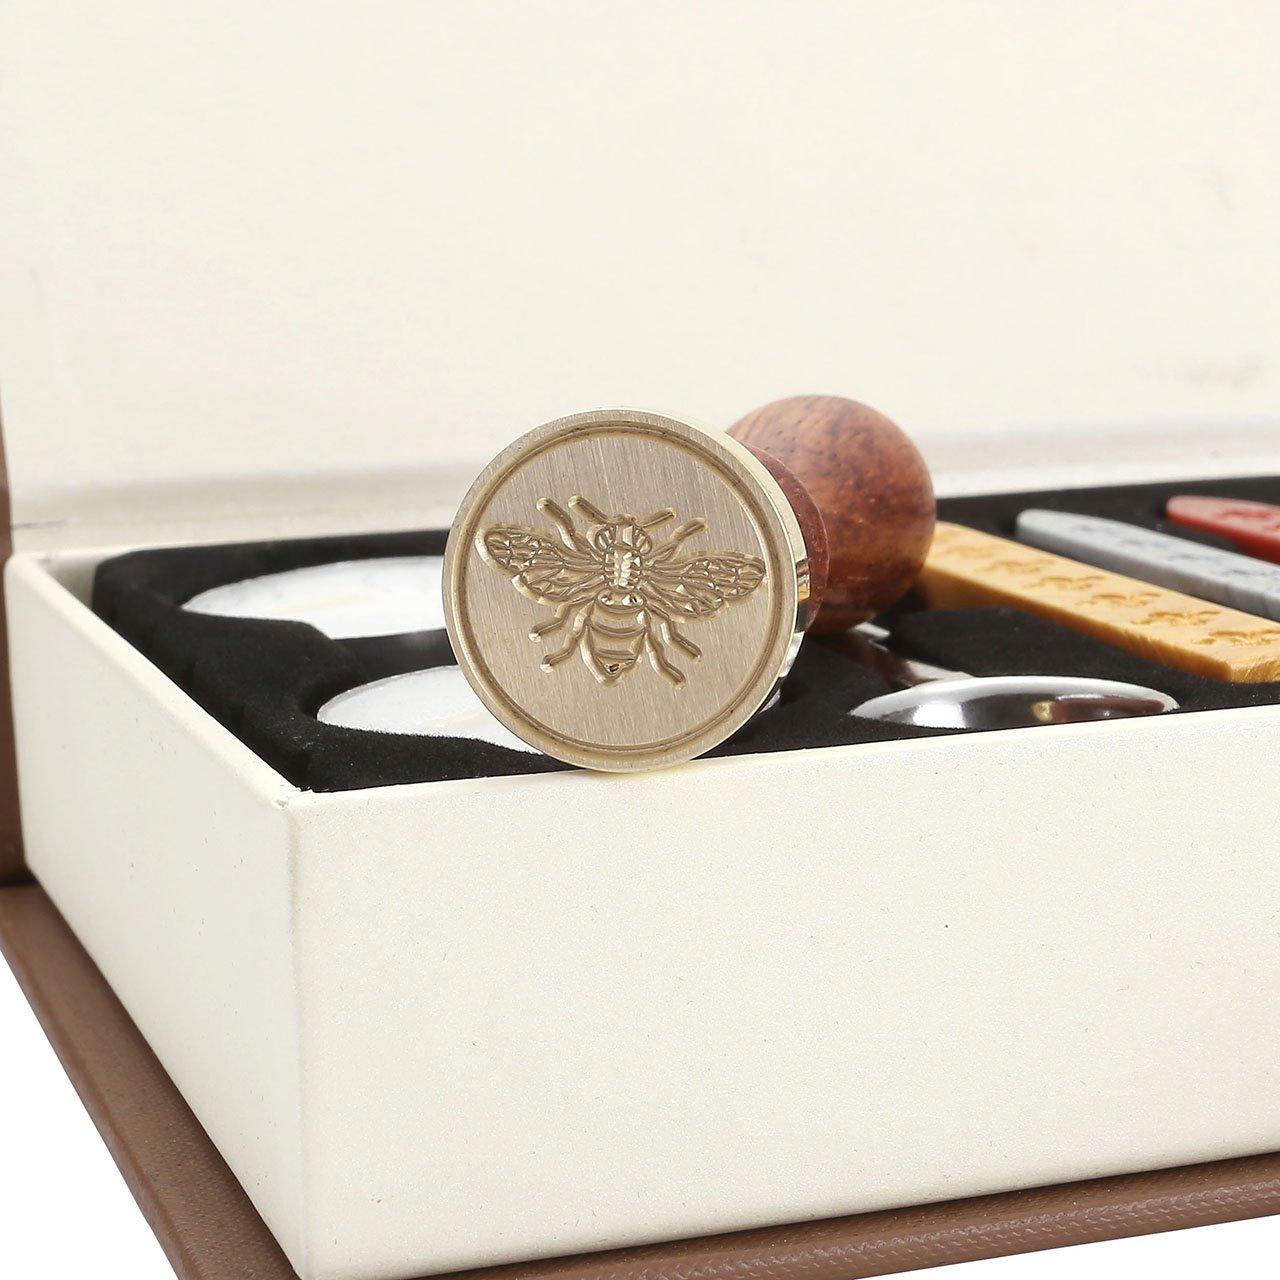 3*Ceralacca Wedding Mogoko Sigillo Cera Cera Stick Spoon Francobolli Vintage Kit per Lettera Personalizzata Timbri Personali IL MIGLIORE REGALO SET